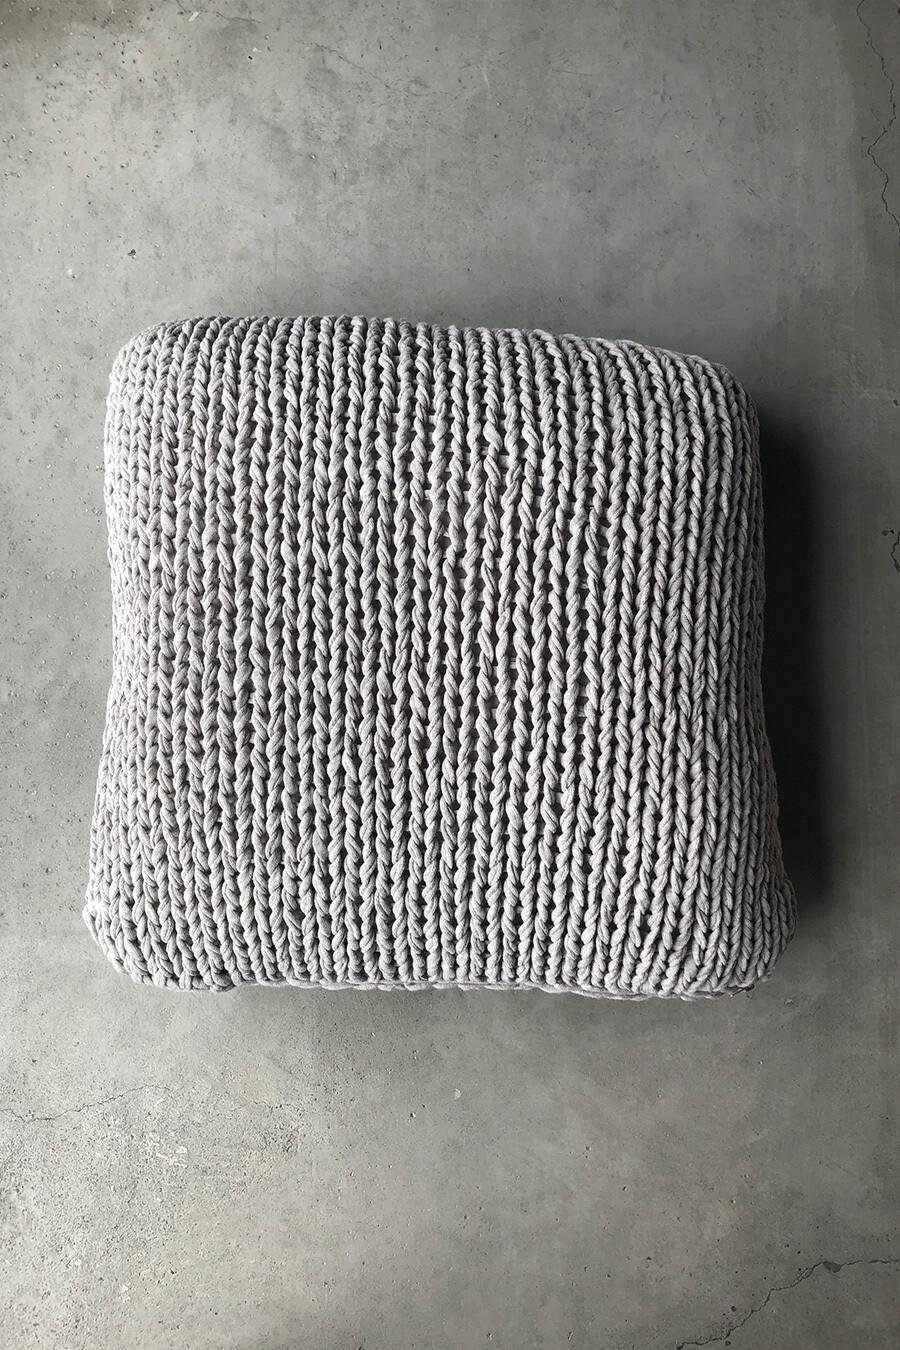 Strick-Kissen 50 x 30cm Handarbeit von mikmax